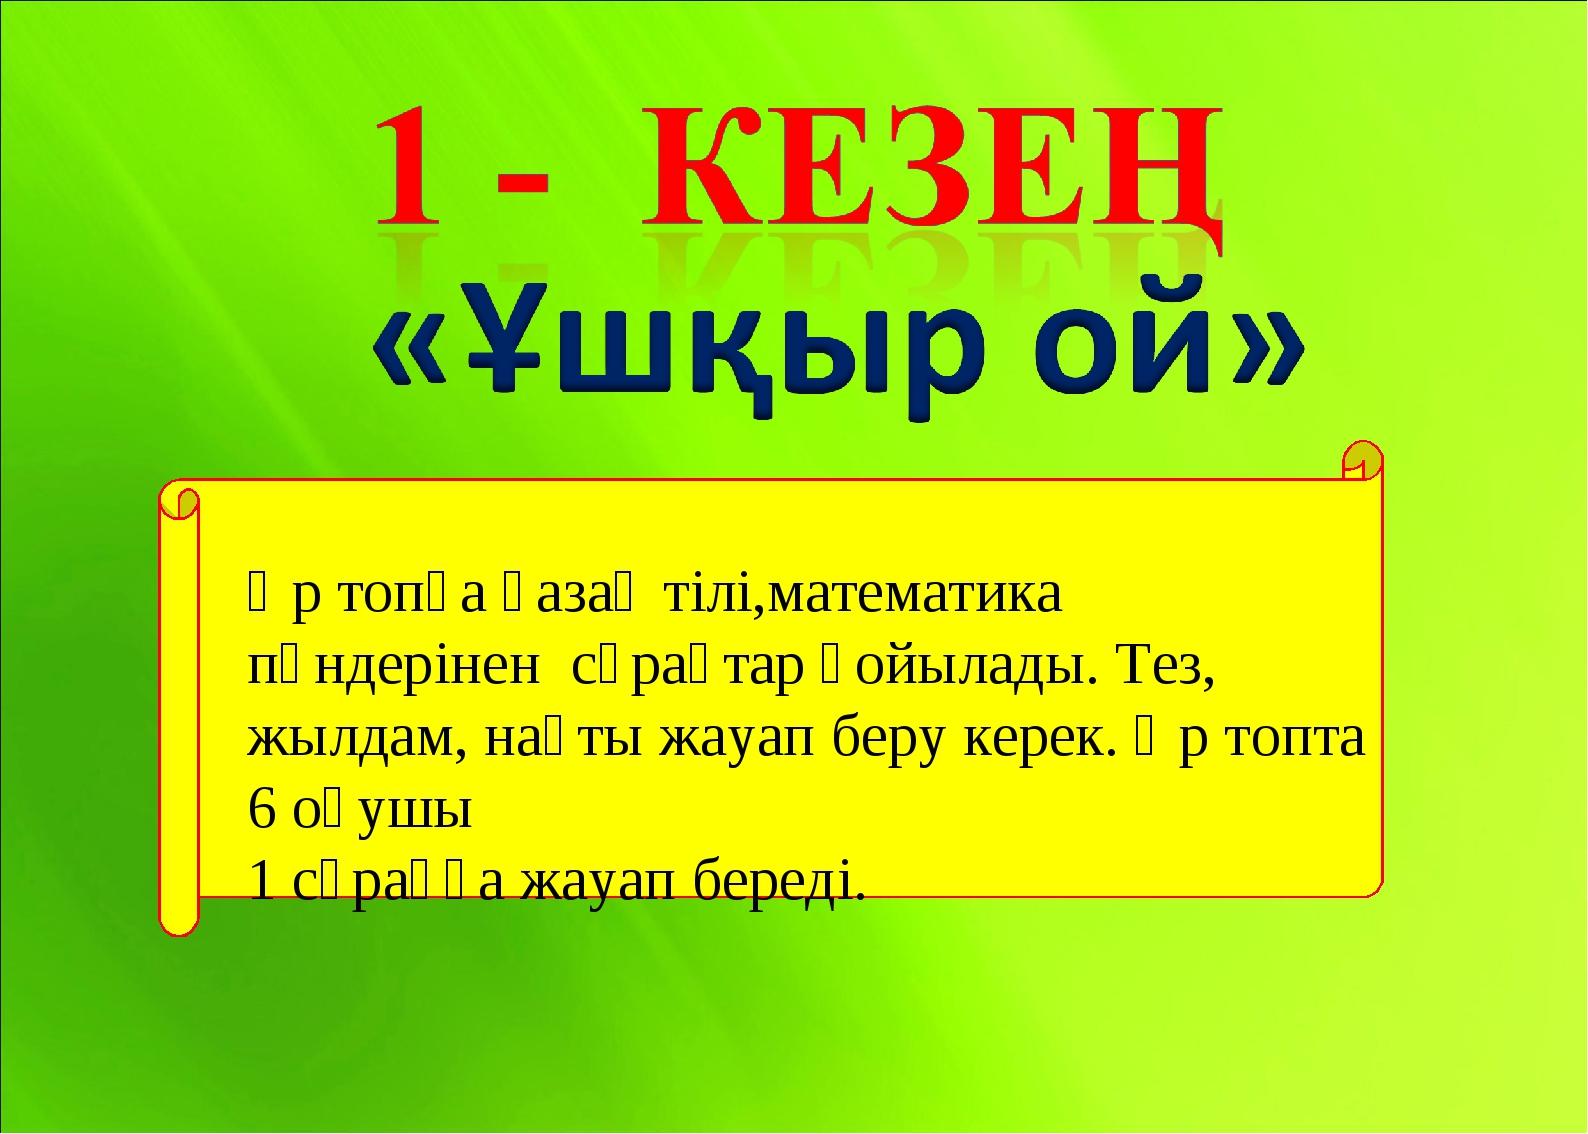 Әр топқа қазақ тілі,математика пәндерінен сұрақтар қойылады. Тез, жылдам, нақ...